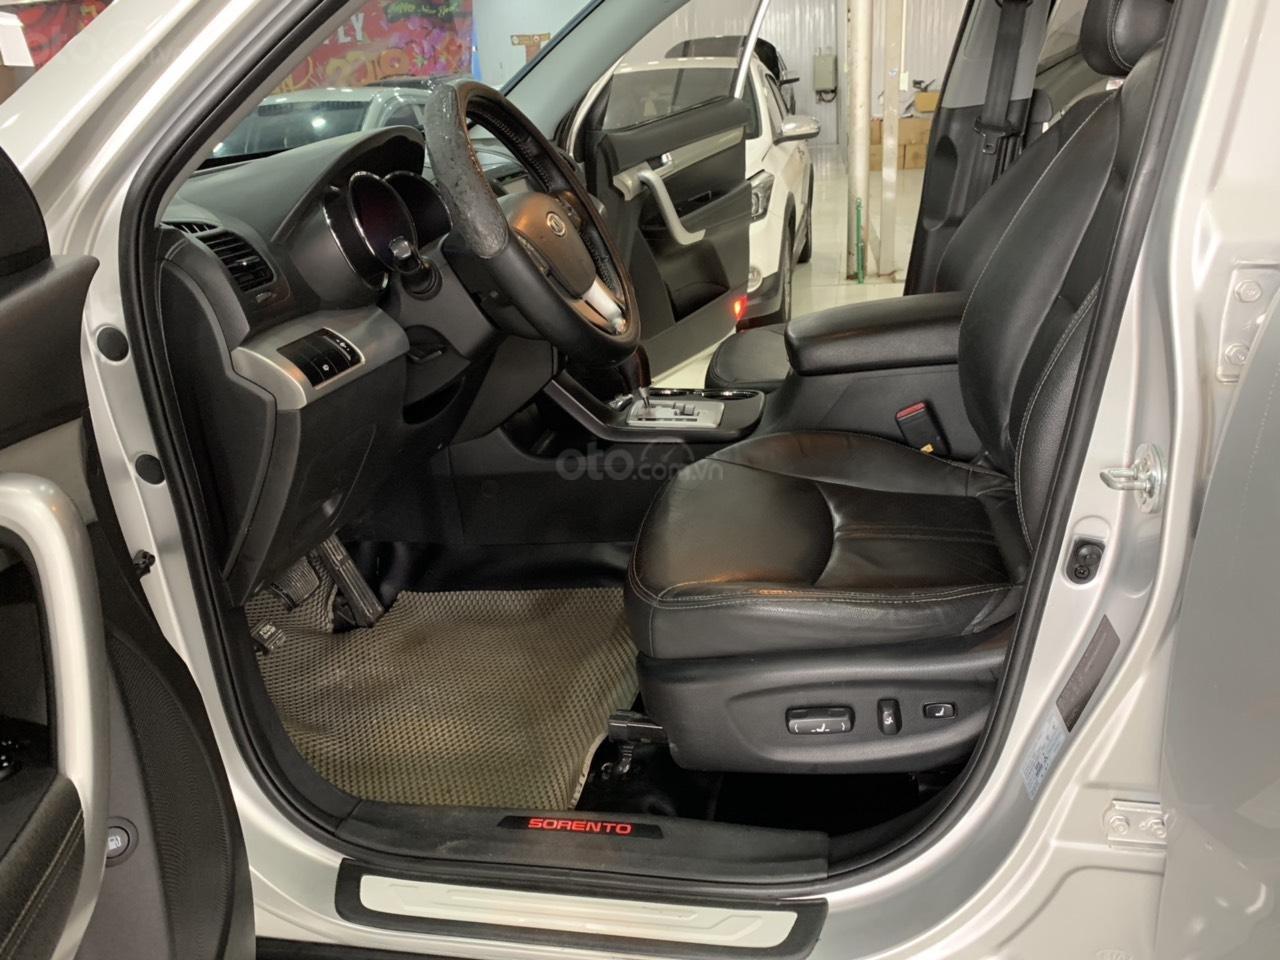 Cần bán xe Kia Sorento năm sản xuất 2010, màu bạc, nhập khẩu, giá tốt-7